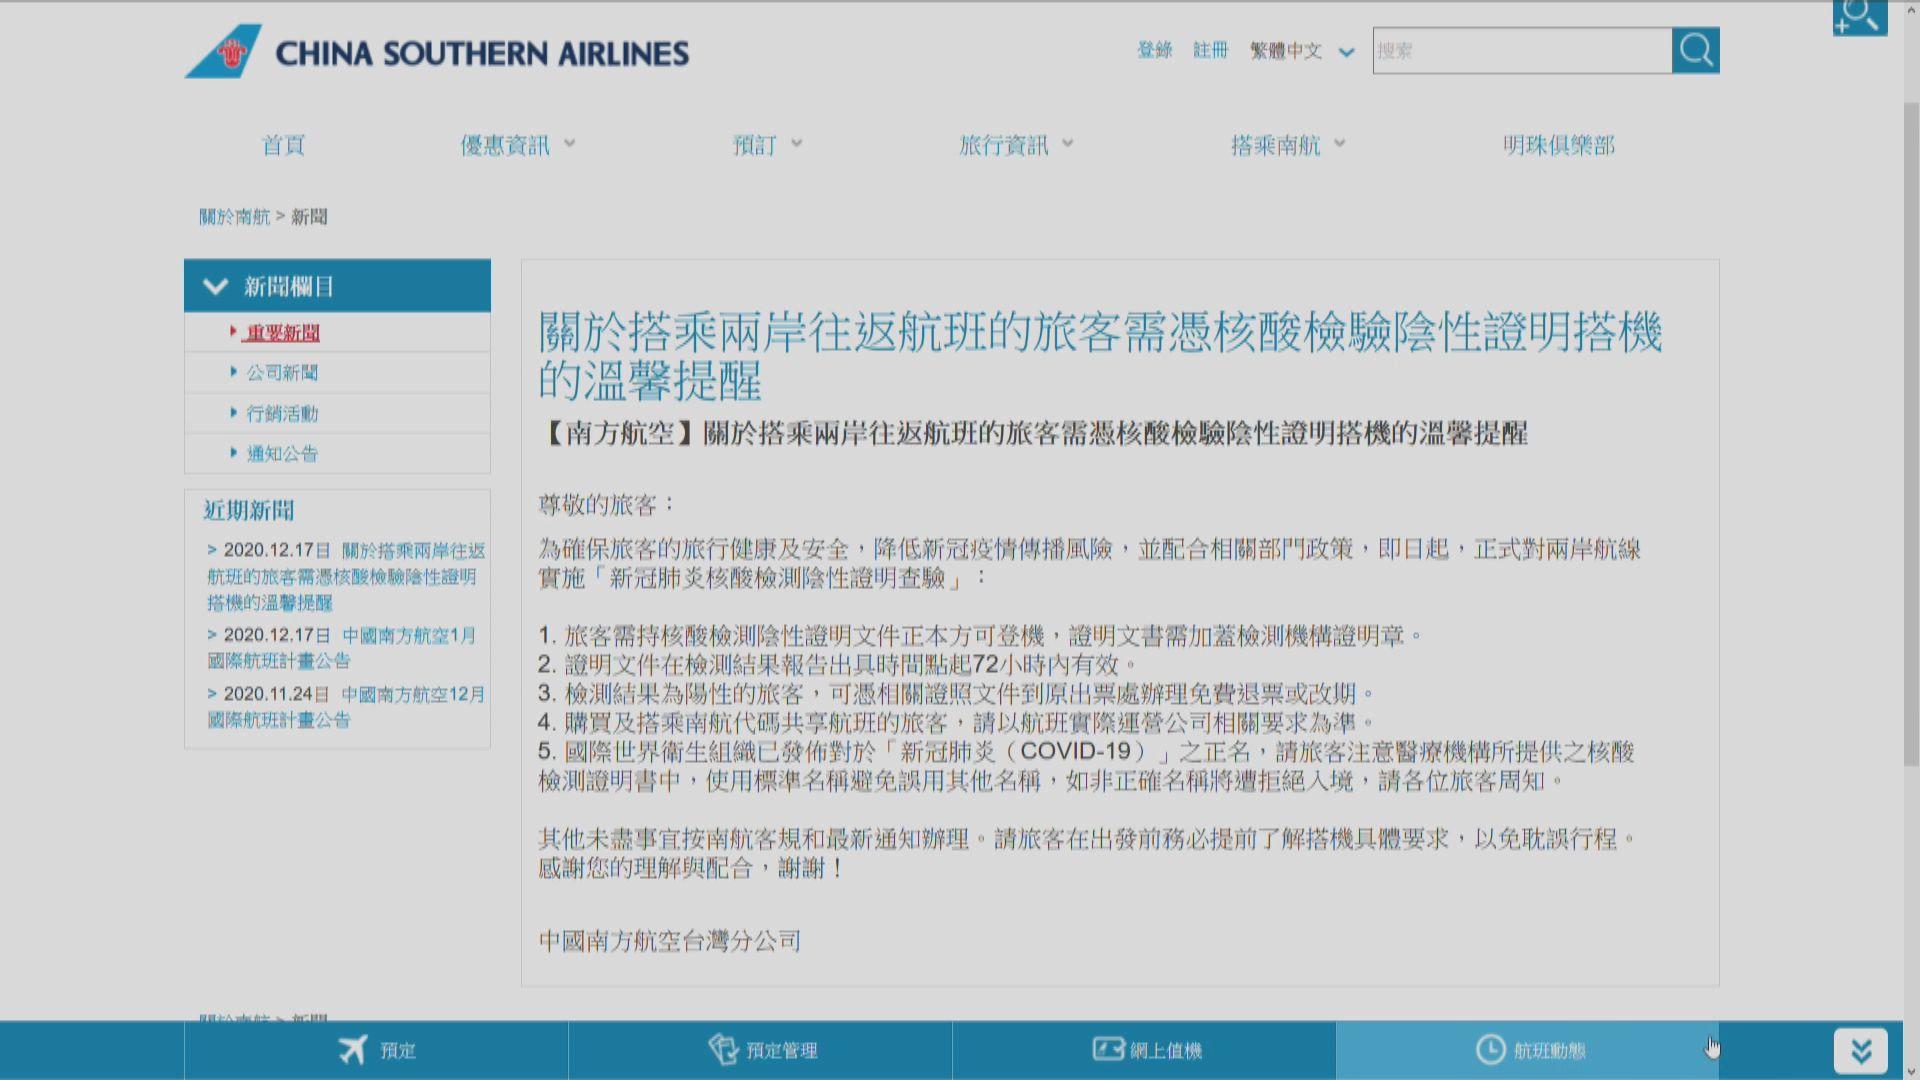 大陸航空公司要求核酸證明用正確名稱「新冠肺炎」